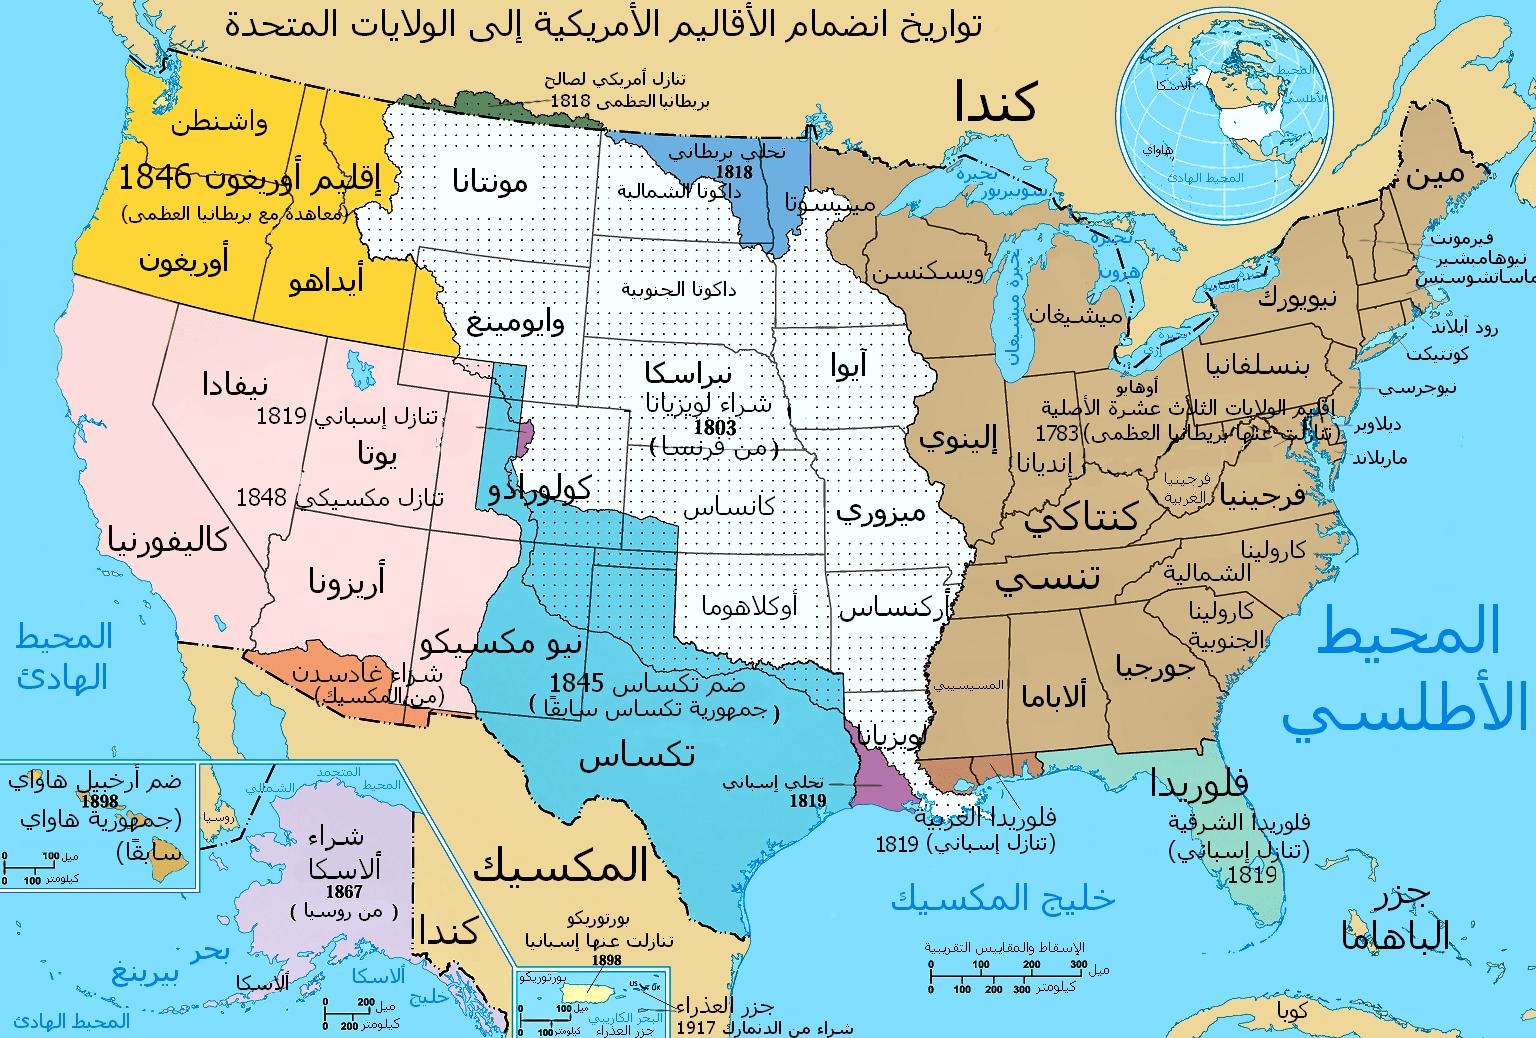 خريطة الولايات المتحدة